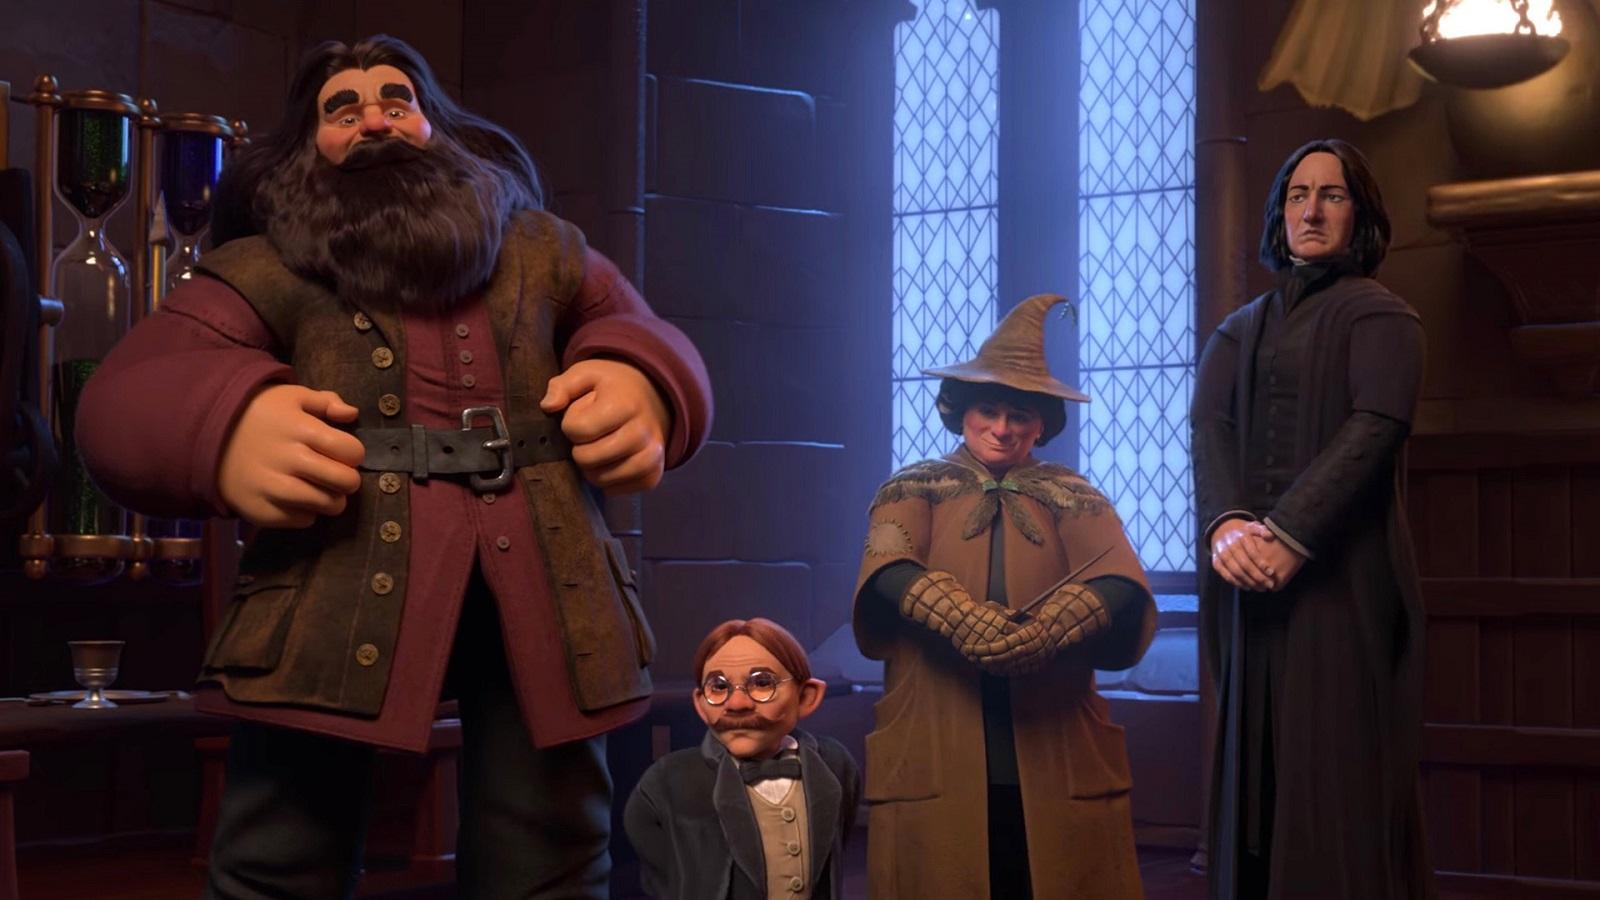 Джейсон Шрайер: ролевой экшен по мотивам «Гарри Поттера» выйдет на PS5 и Xbox Series X, а анонс состоится до конца года